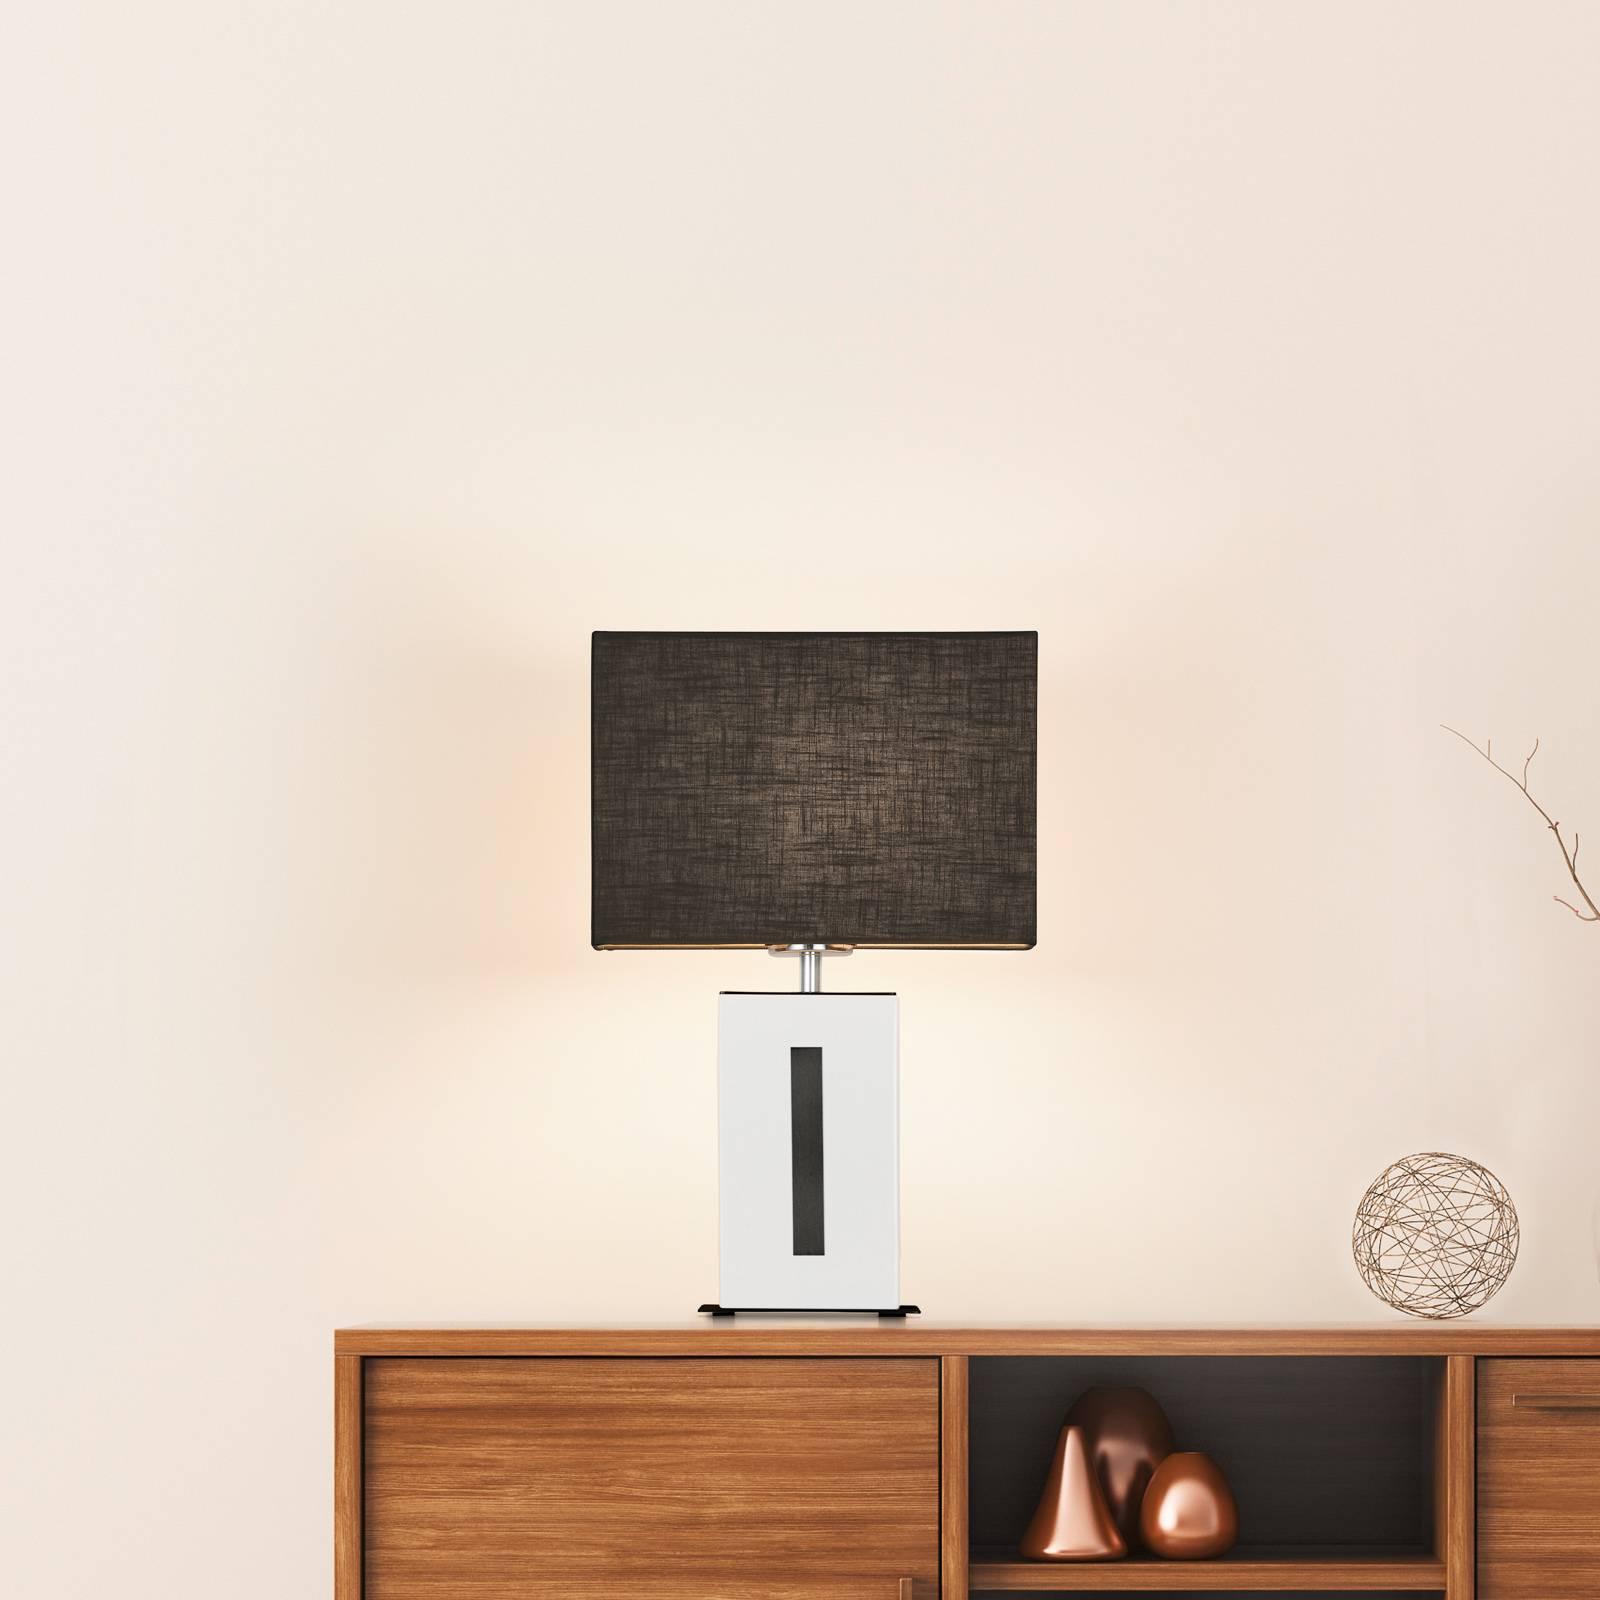 BANKAMP Karlo tafellamp wit/zwart, hoogte 47cm